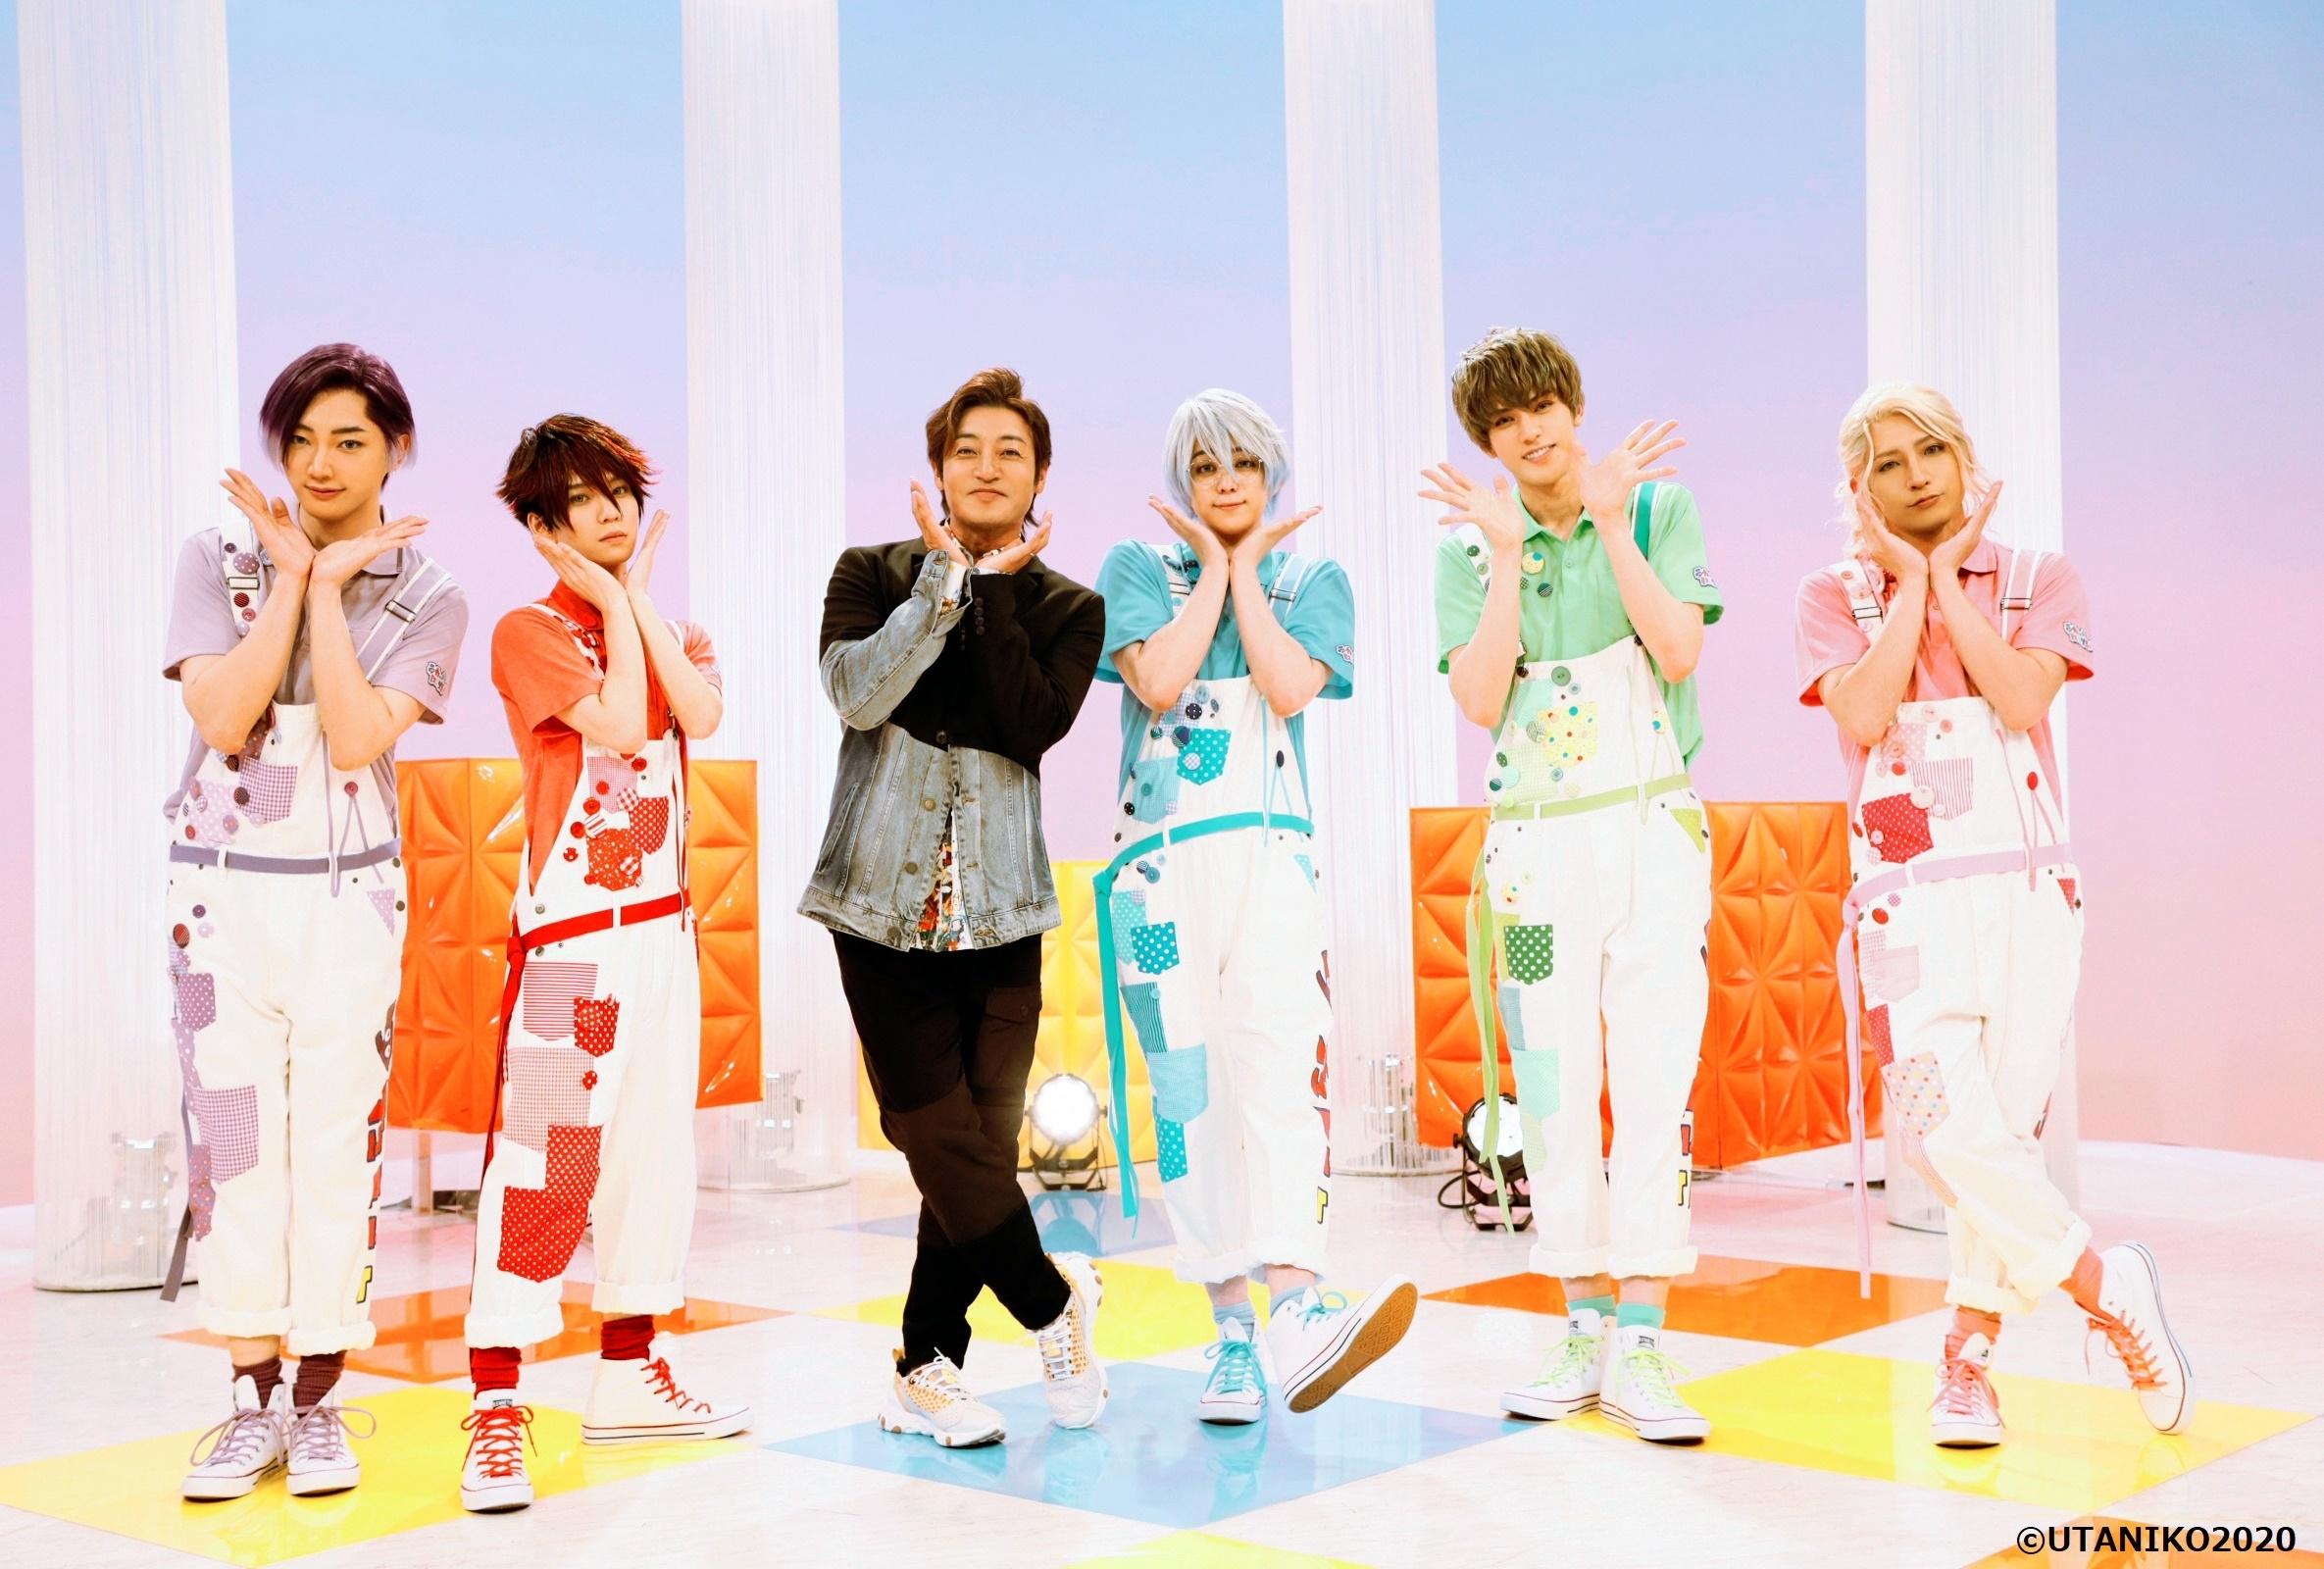 教育番組パロディーショー『うたってにこりん☆』~Road to STAR~の見どころを振り返り